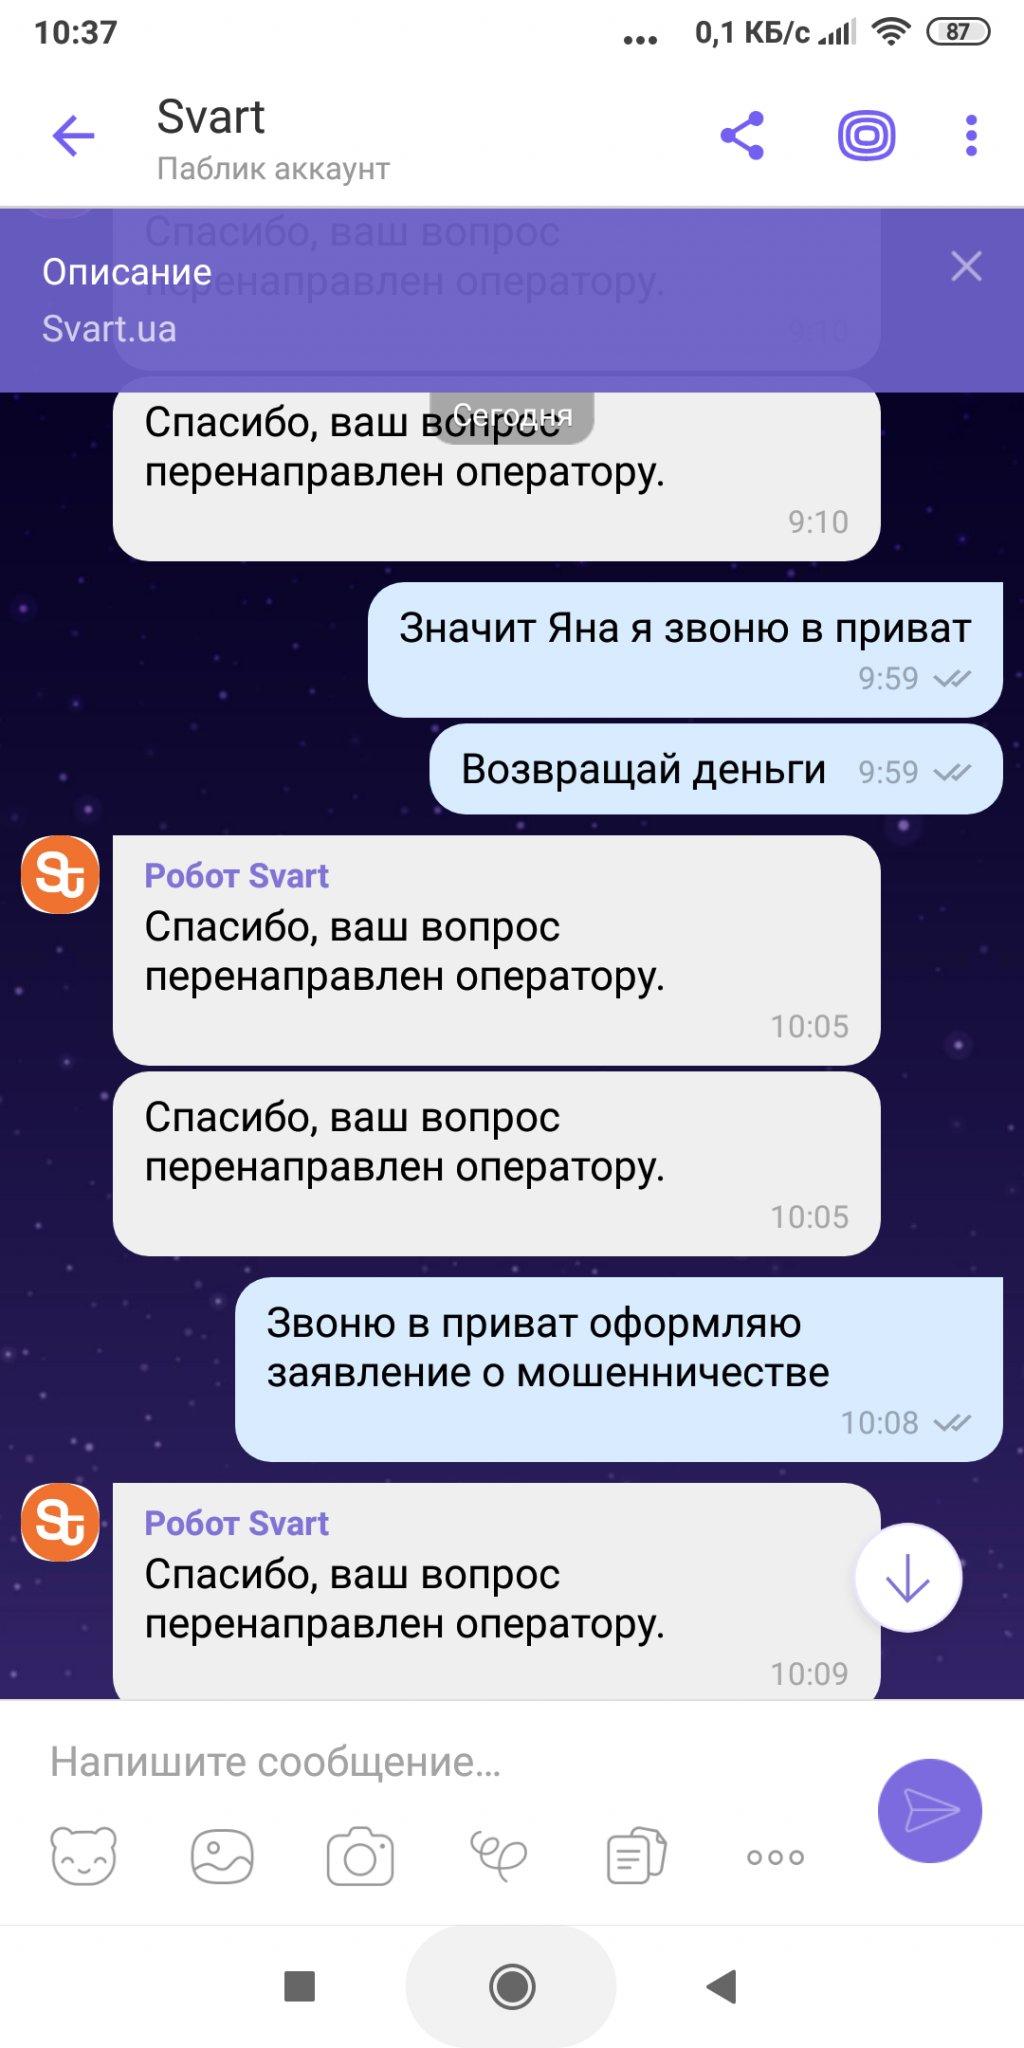 svart.ua интернет-магазин - Доронина Яна мошенница svart ua